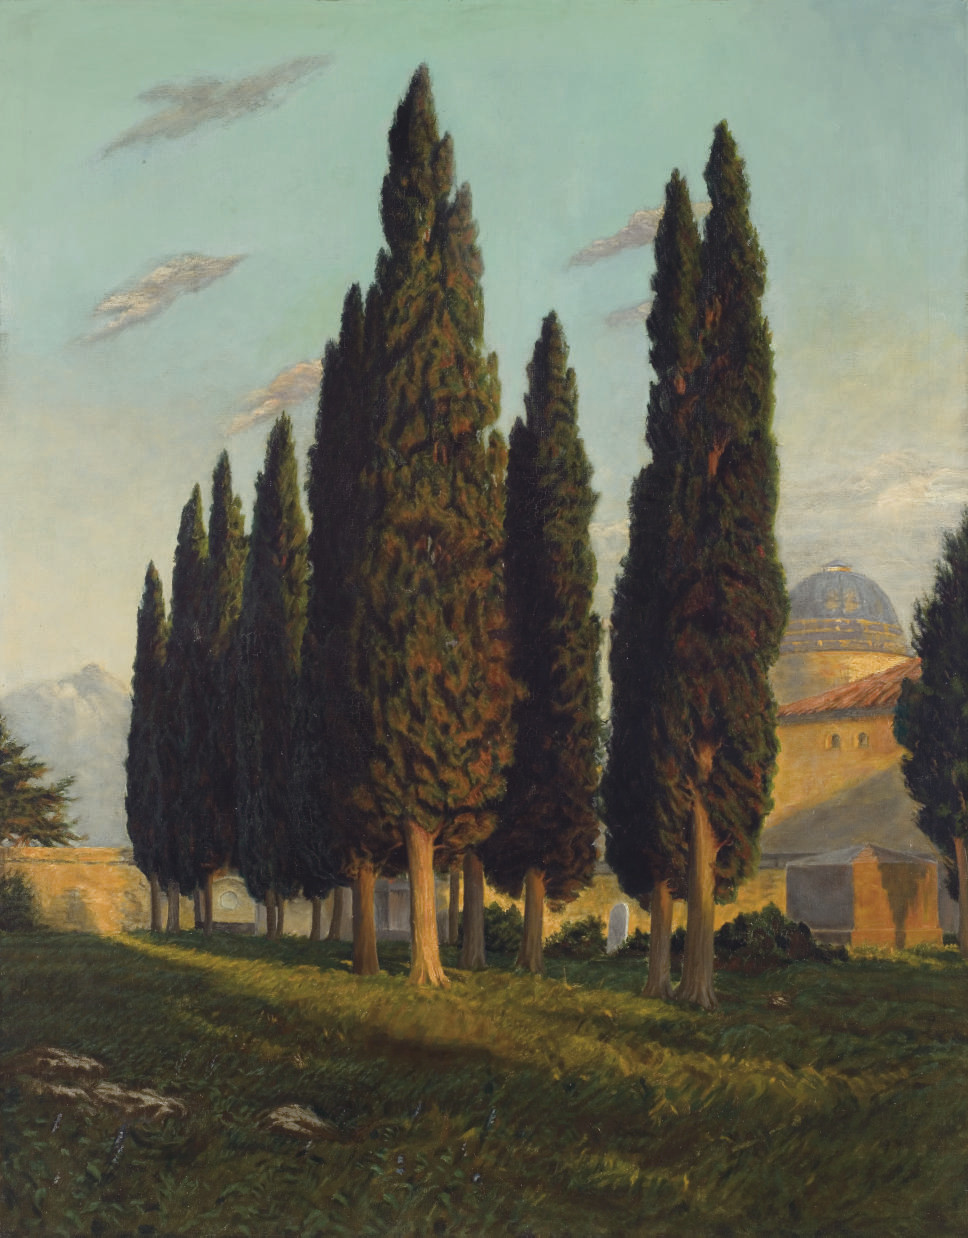 GEORG MACCO (1863 - 1933)